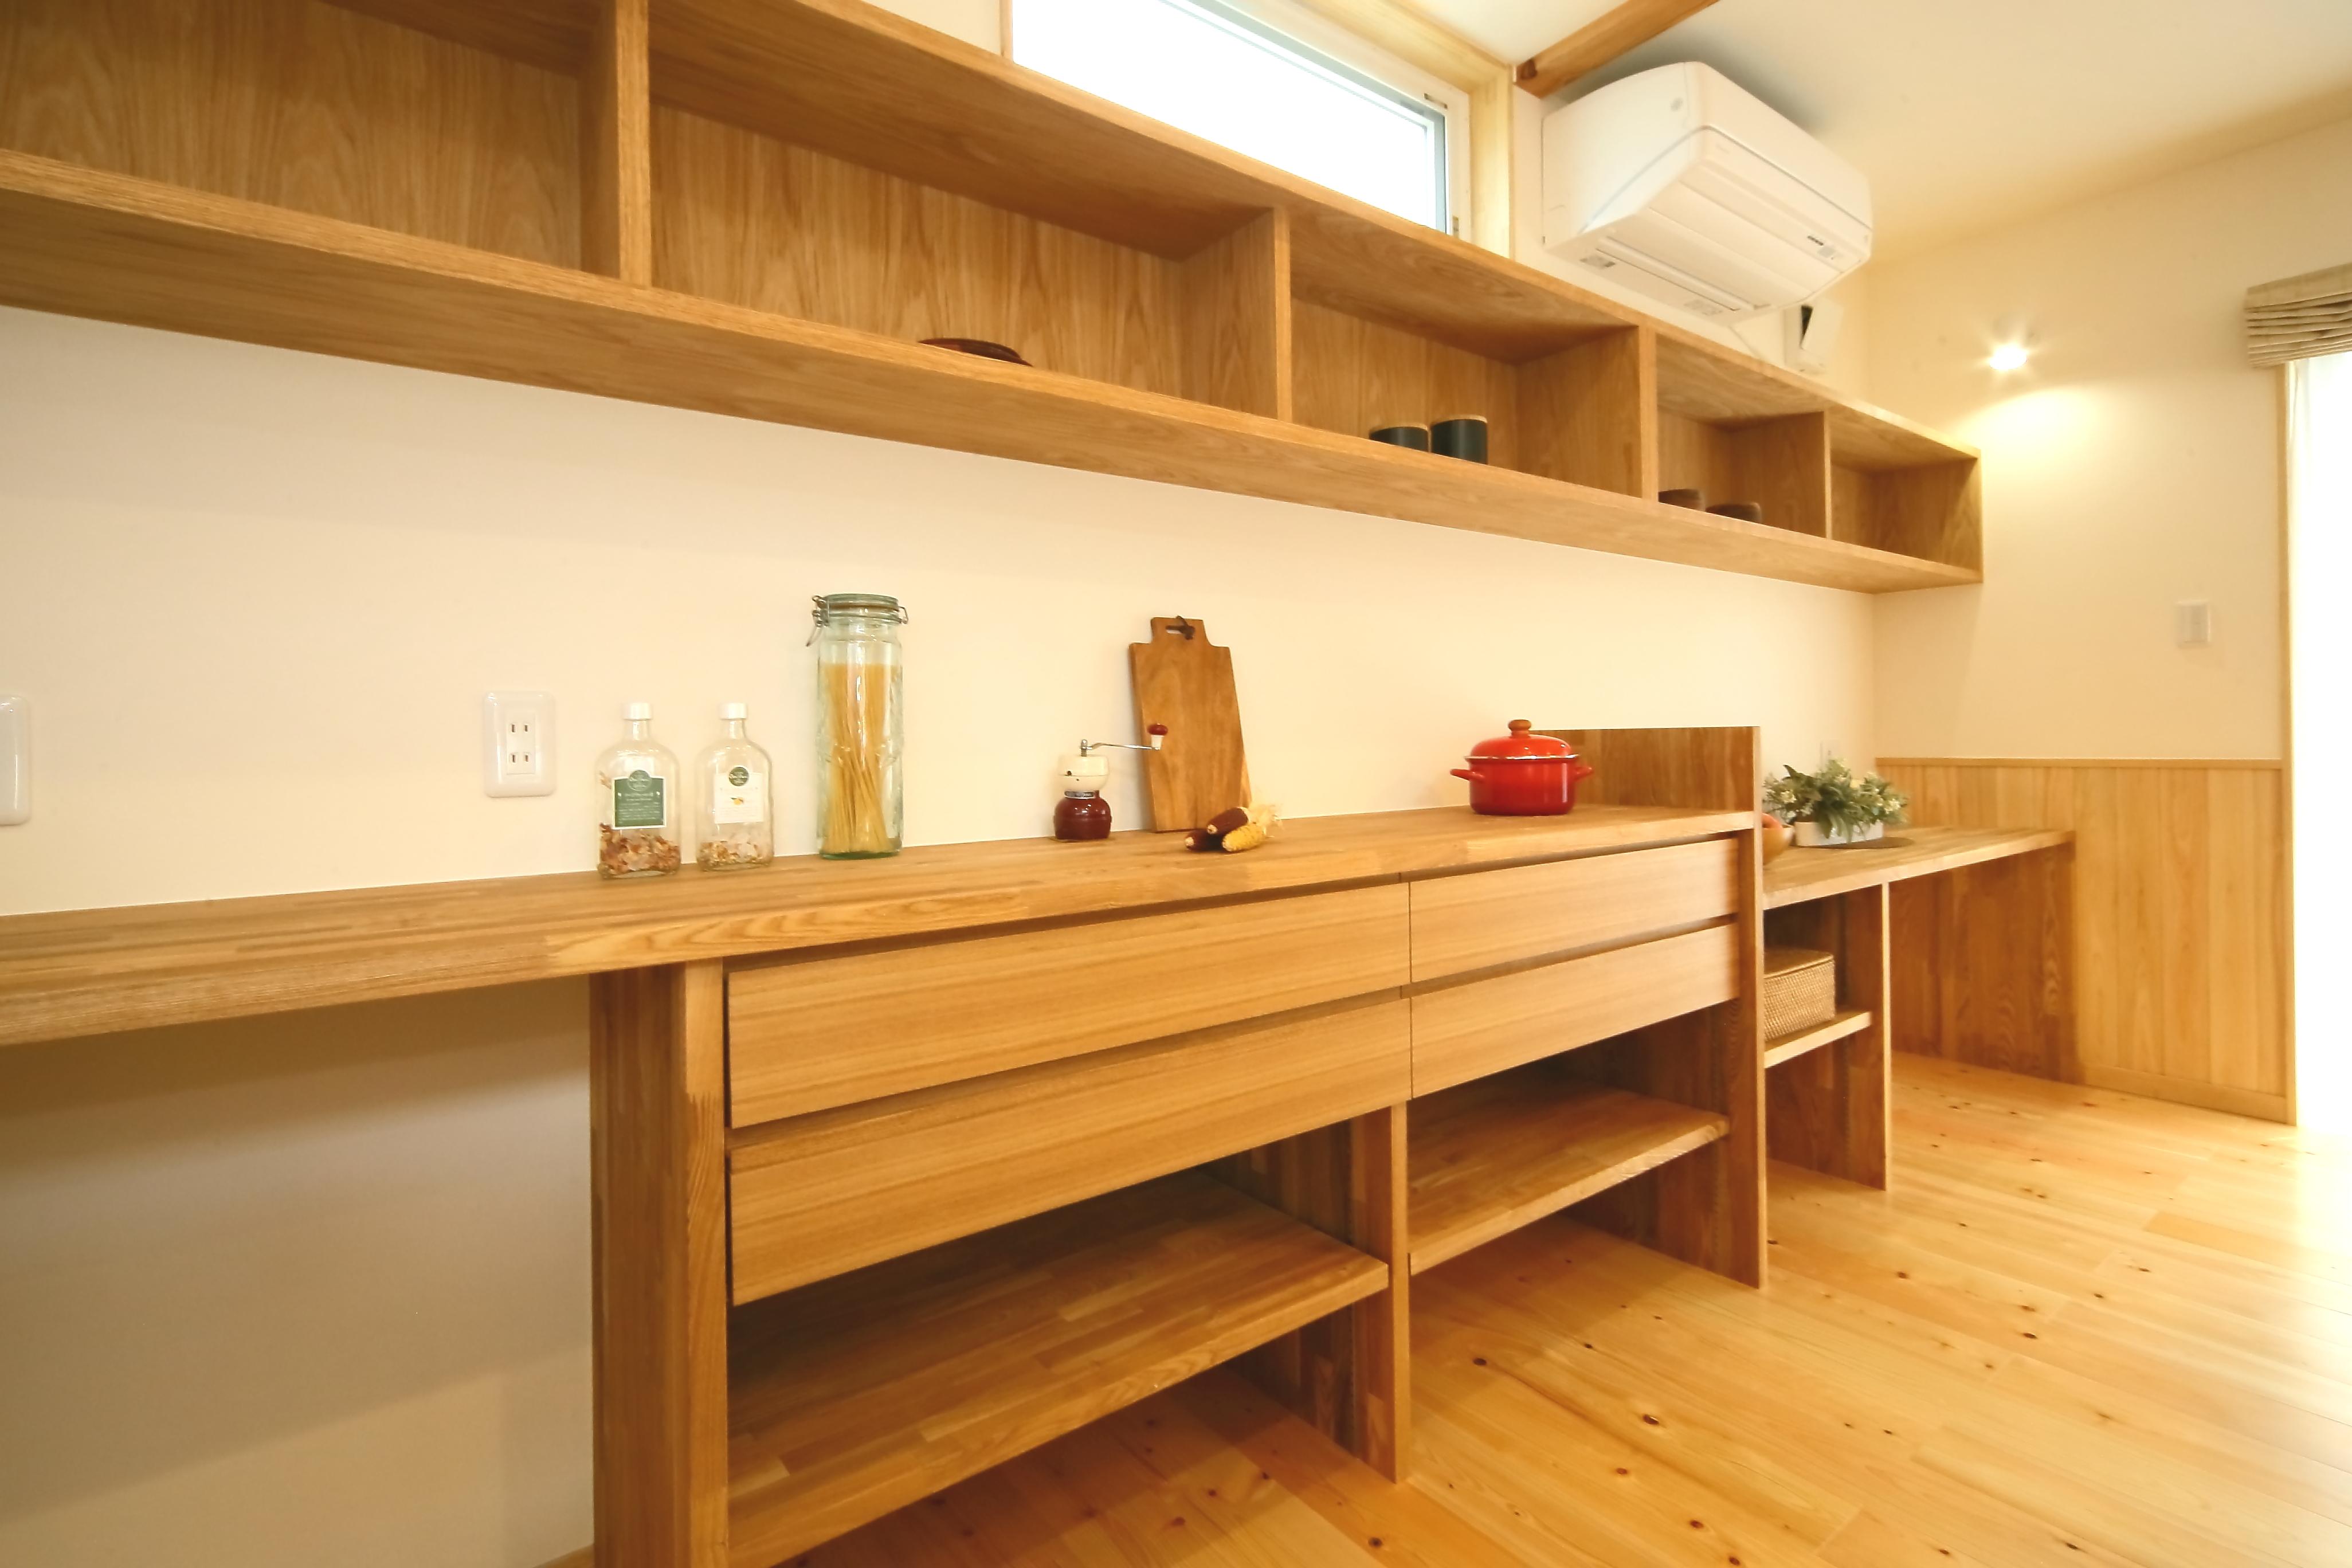 エコフィールド【収納力、省エネ、間取り】収納棚の右隅には、料理本やパソコンも置けて、ちょっとした書き物もできるデスクスペースを用意